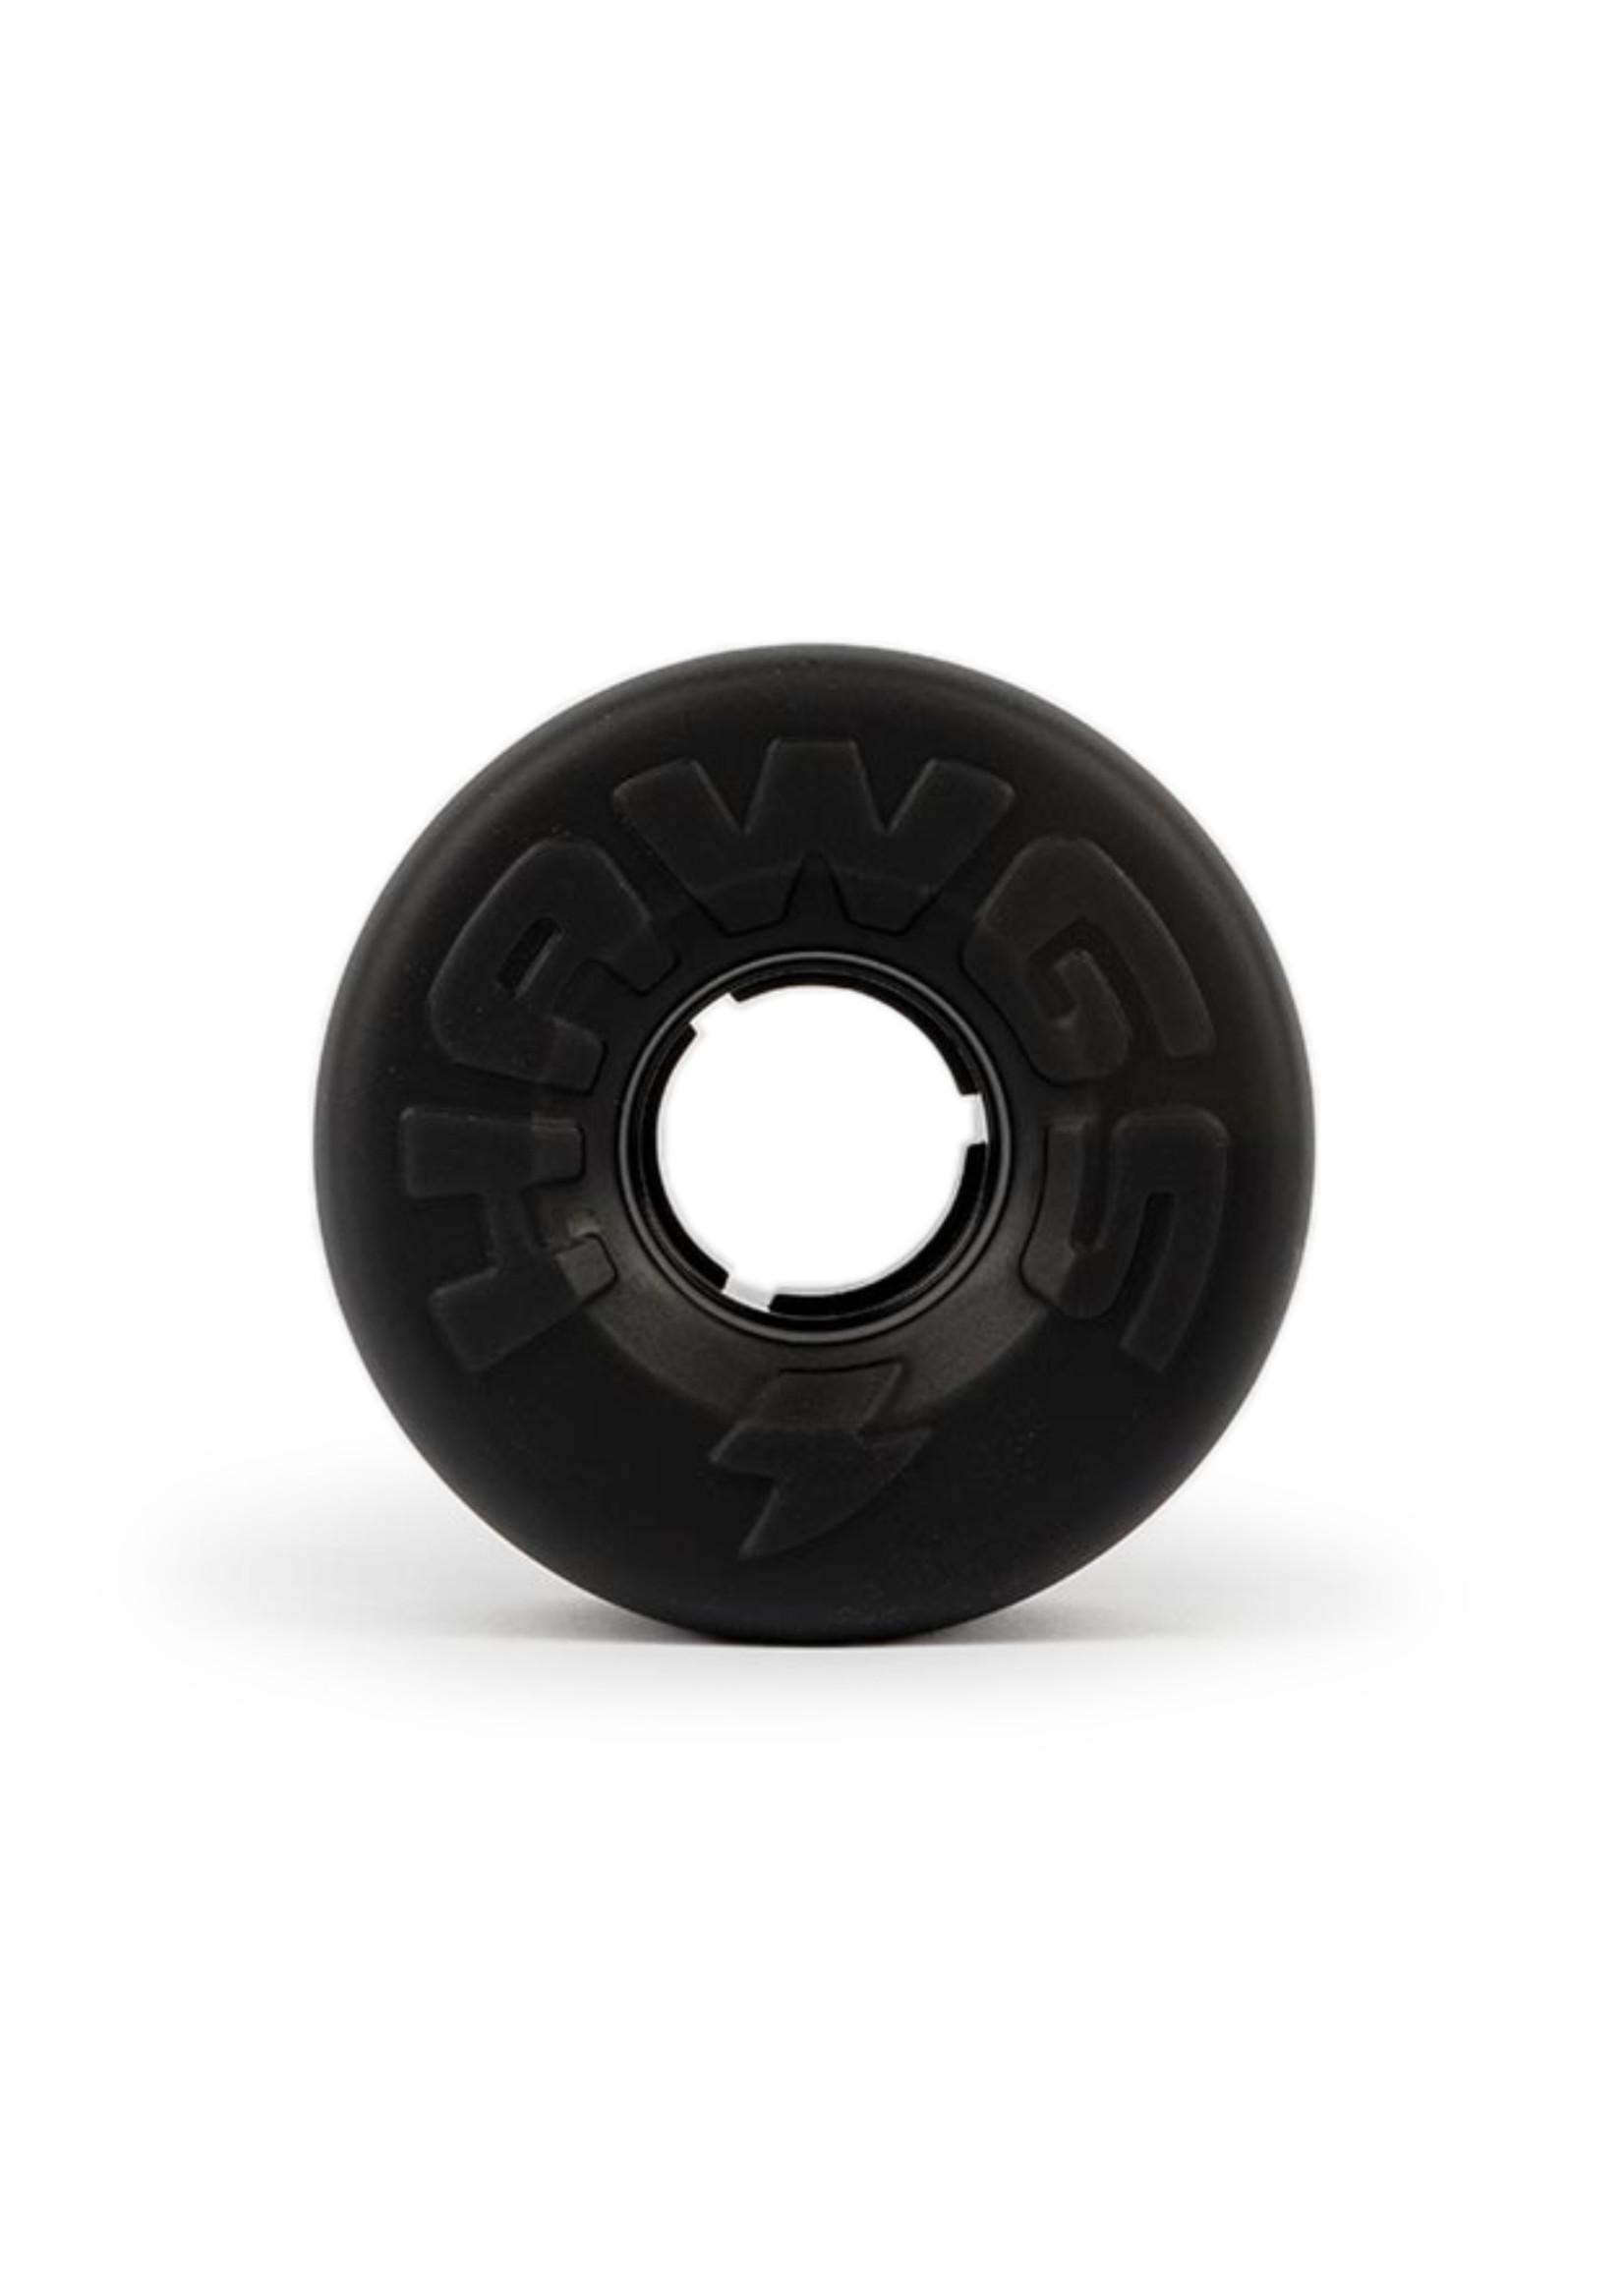 Hawgs Wheels Hawgs Easy Wheels 63 mm 78A Black Set of 4